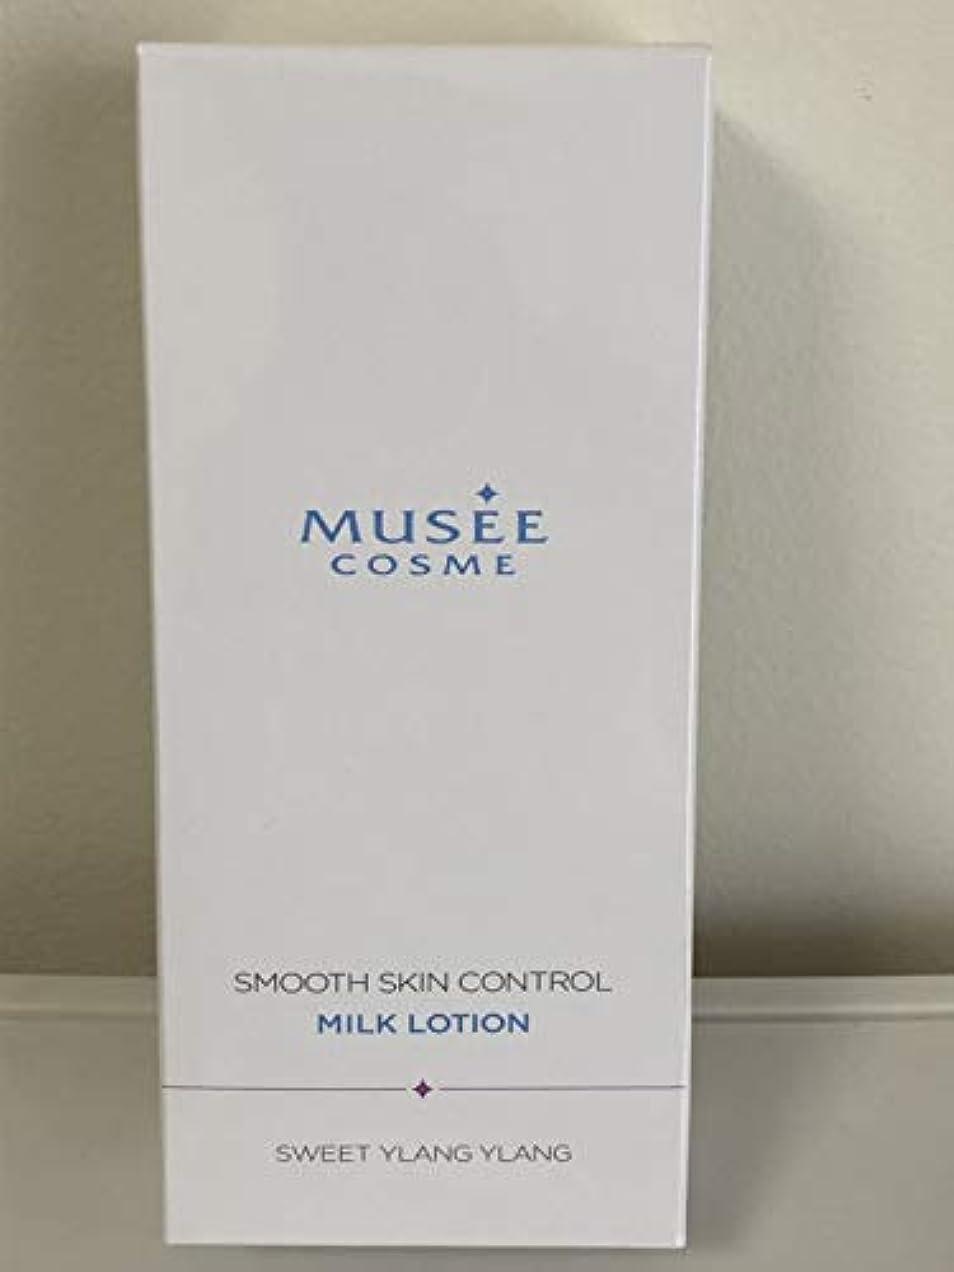 きらきら問い合わせ類推ミュゼコスメ 薬用スムーススキンコントロール ミルクローション 300mL スイートイランイランの香り